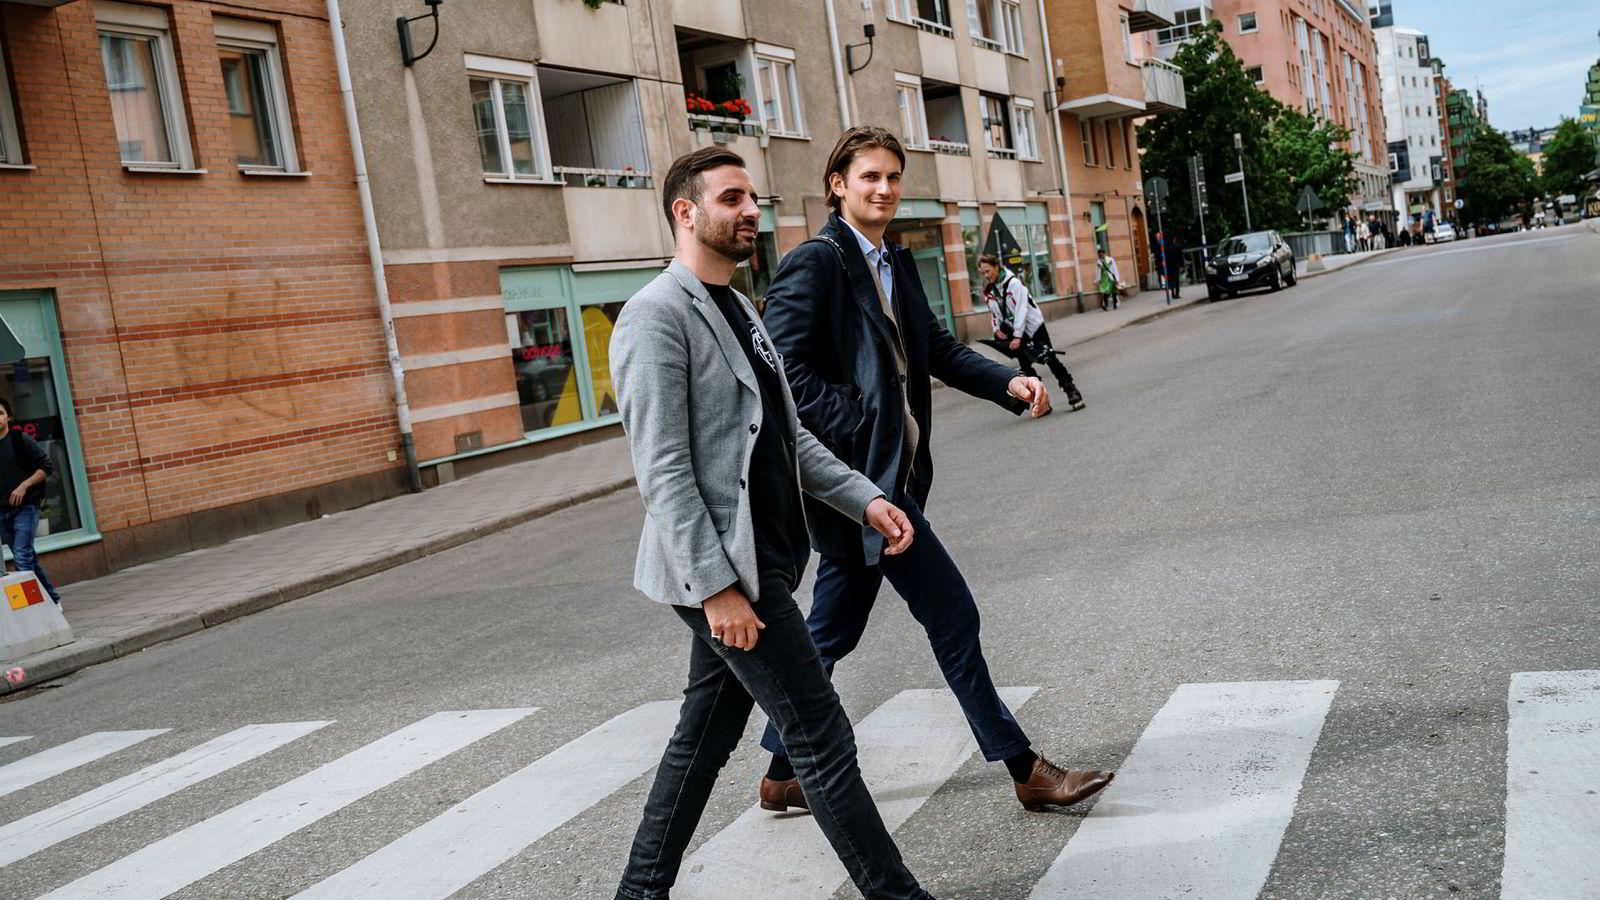 Fra venstre: Thomas Neslein, styreleder i Nip og daglig leder Hicham Chahine i Nip i de nye spillokalene de bygger i Stockholm. De to nordmennene møttes i Formuesforvaltning, og styrer i dag en av e-sportens største merkevarer.